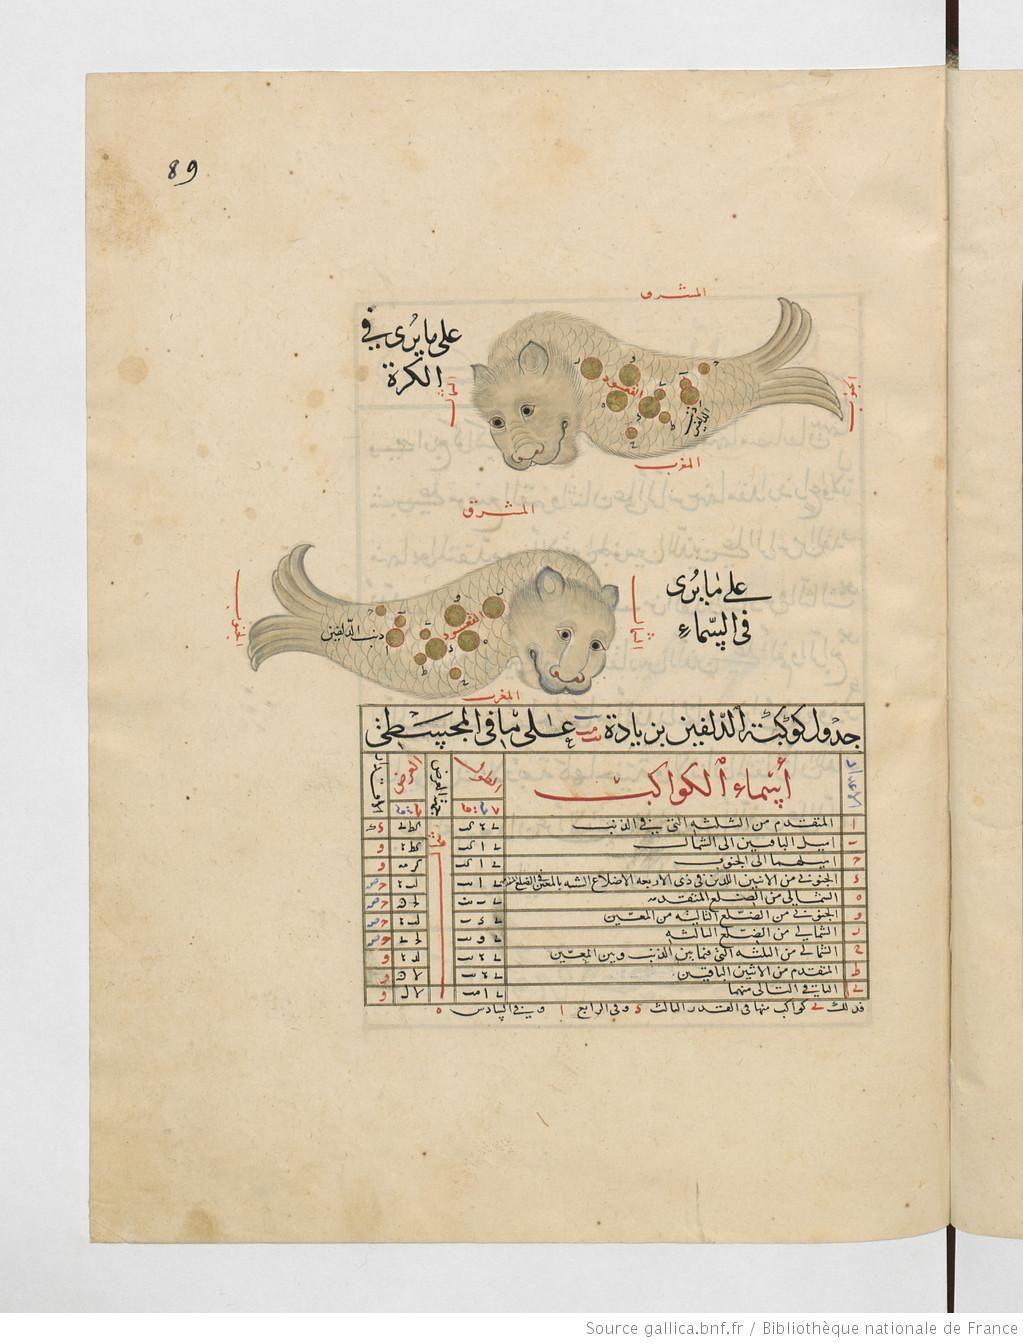 Epingle Par Anneke Cottle Sur Manuscripts Bibliotheque Nationale De France Bibliotheque Nationale Astronomie